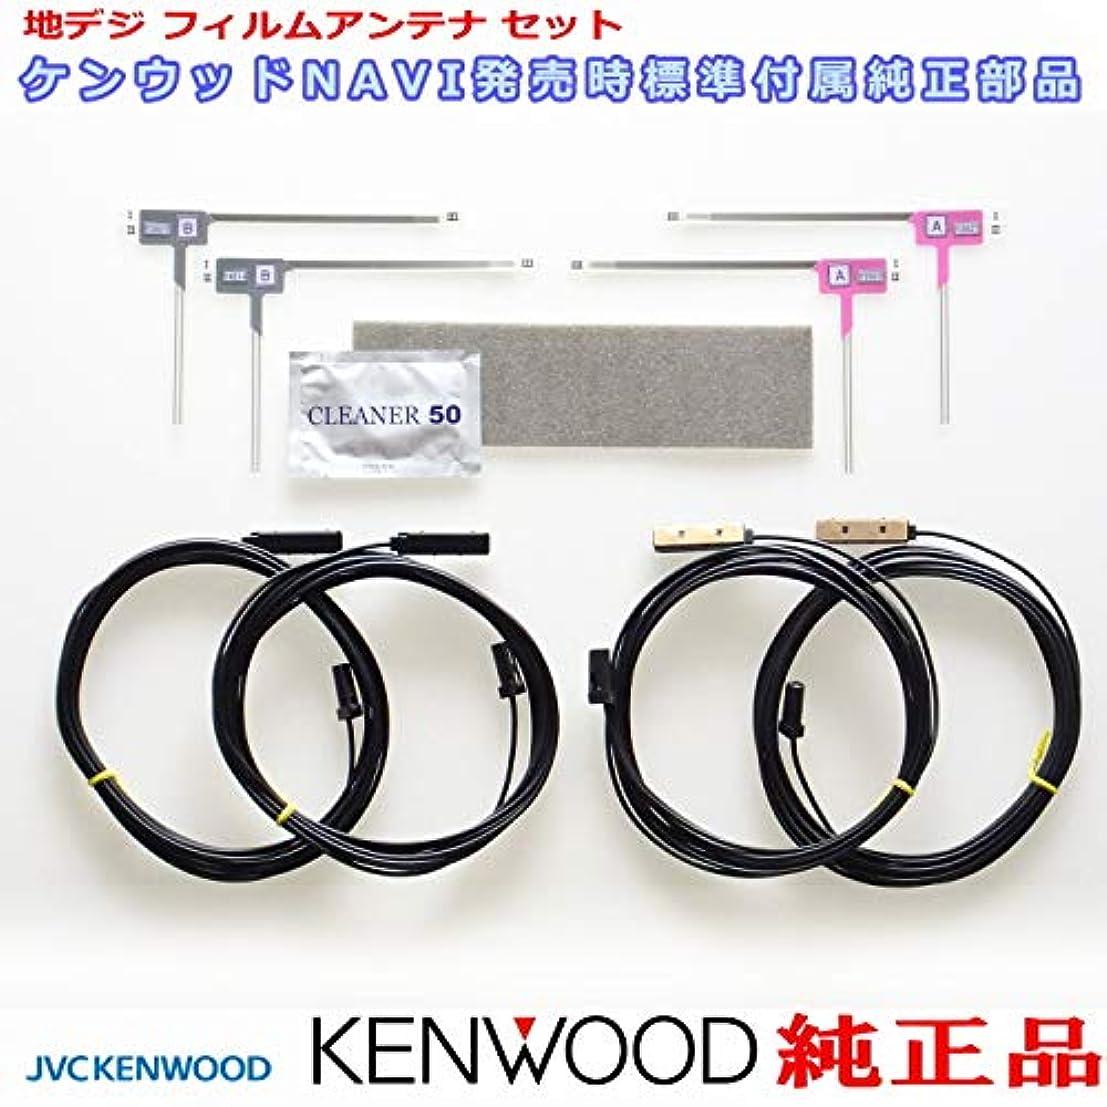 冬活性化するピアニスト地デジアンテナ KENWOOD MDV-X701W 純正 フィルム コード Set (J23